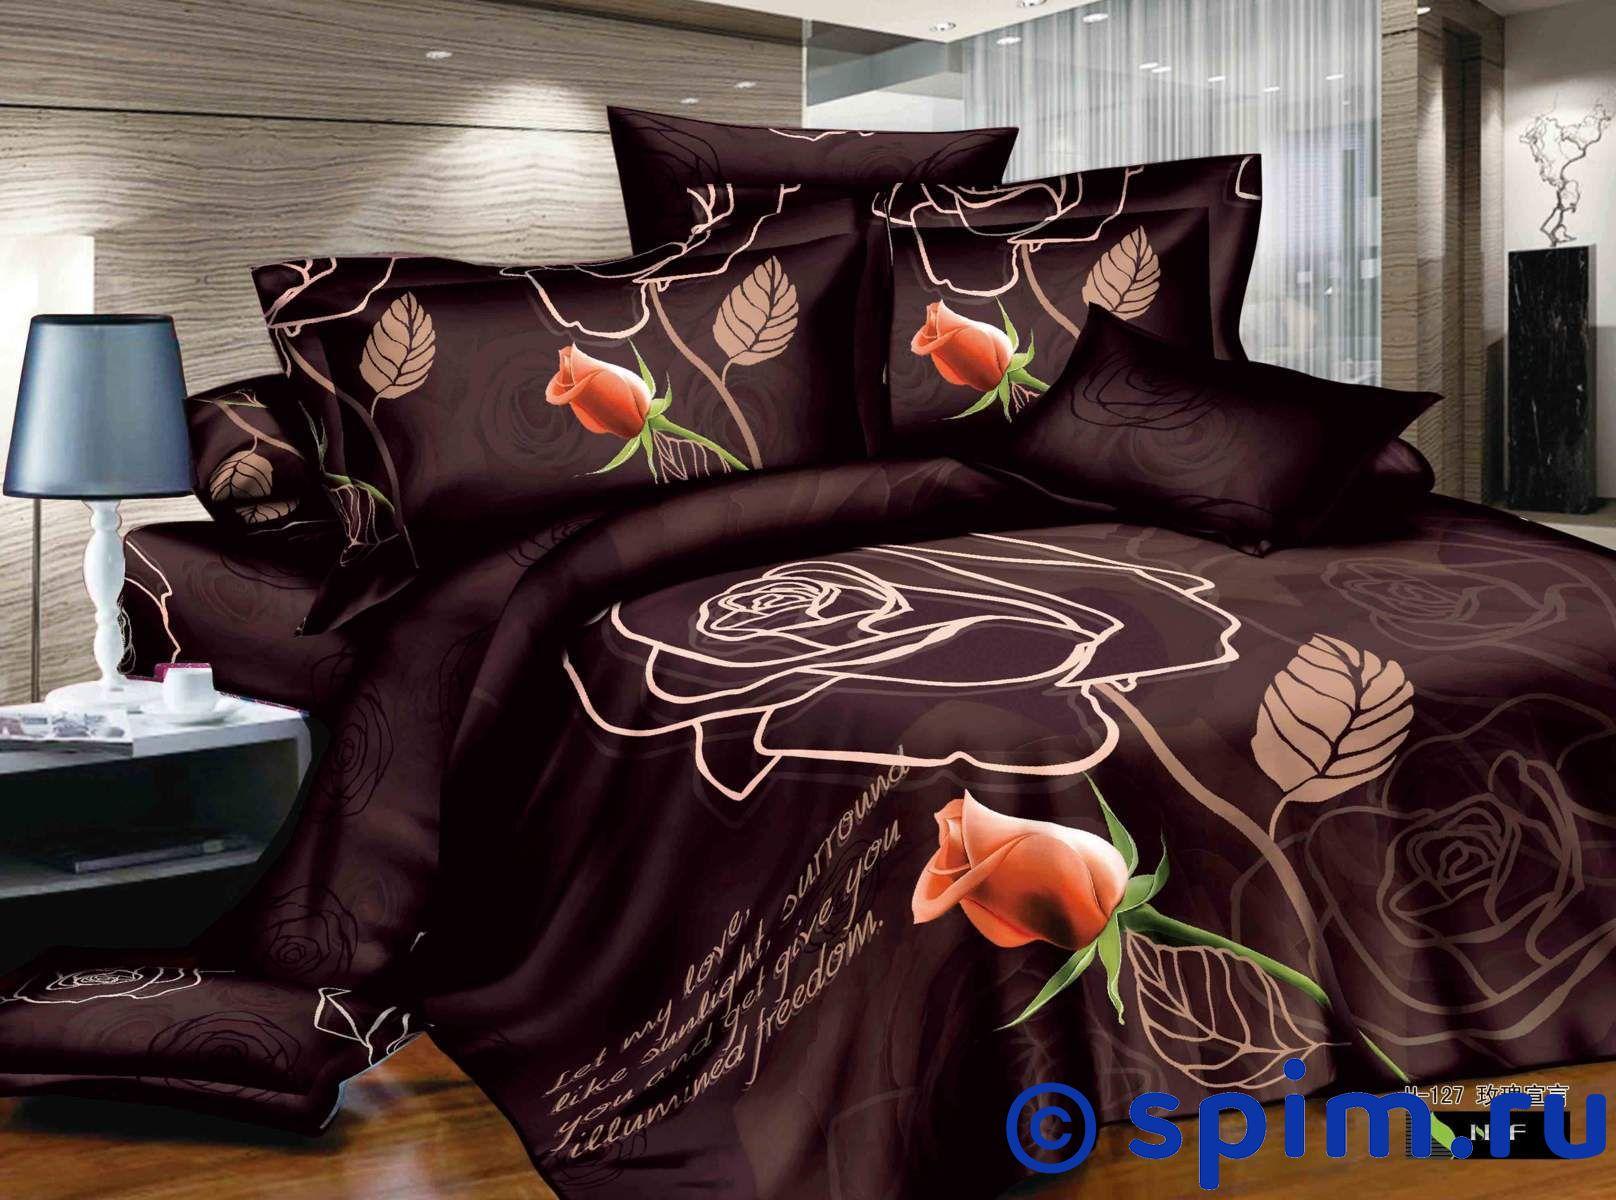 Комплект СайлиД G88 2 спальное